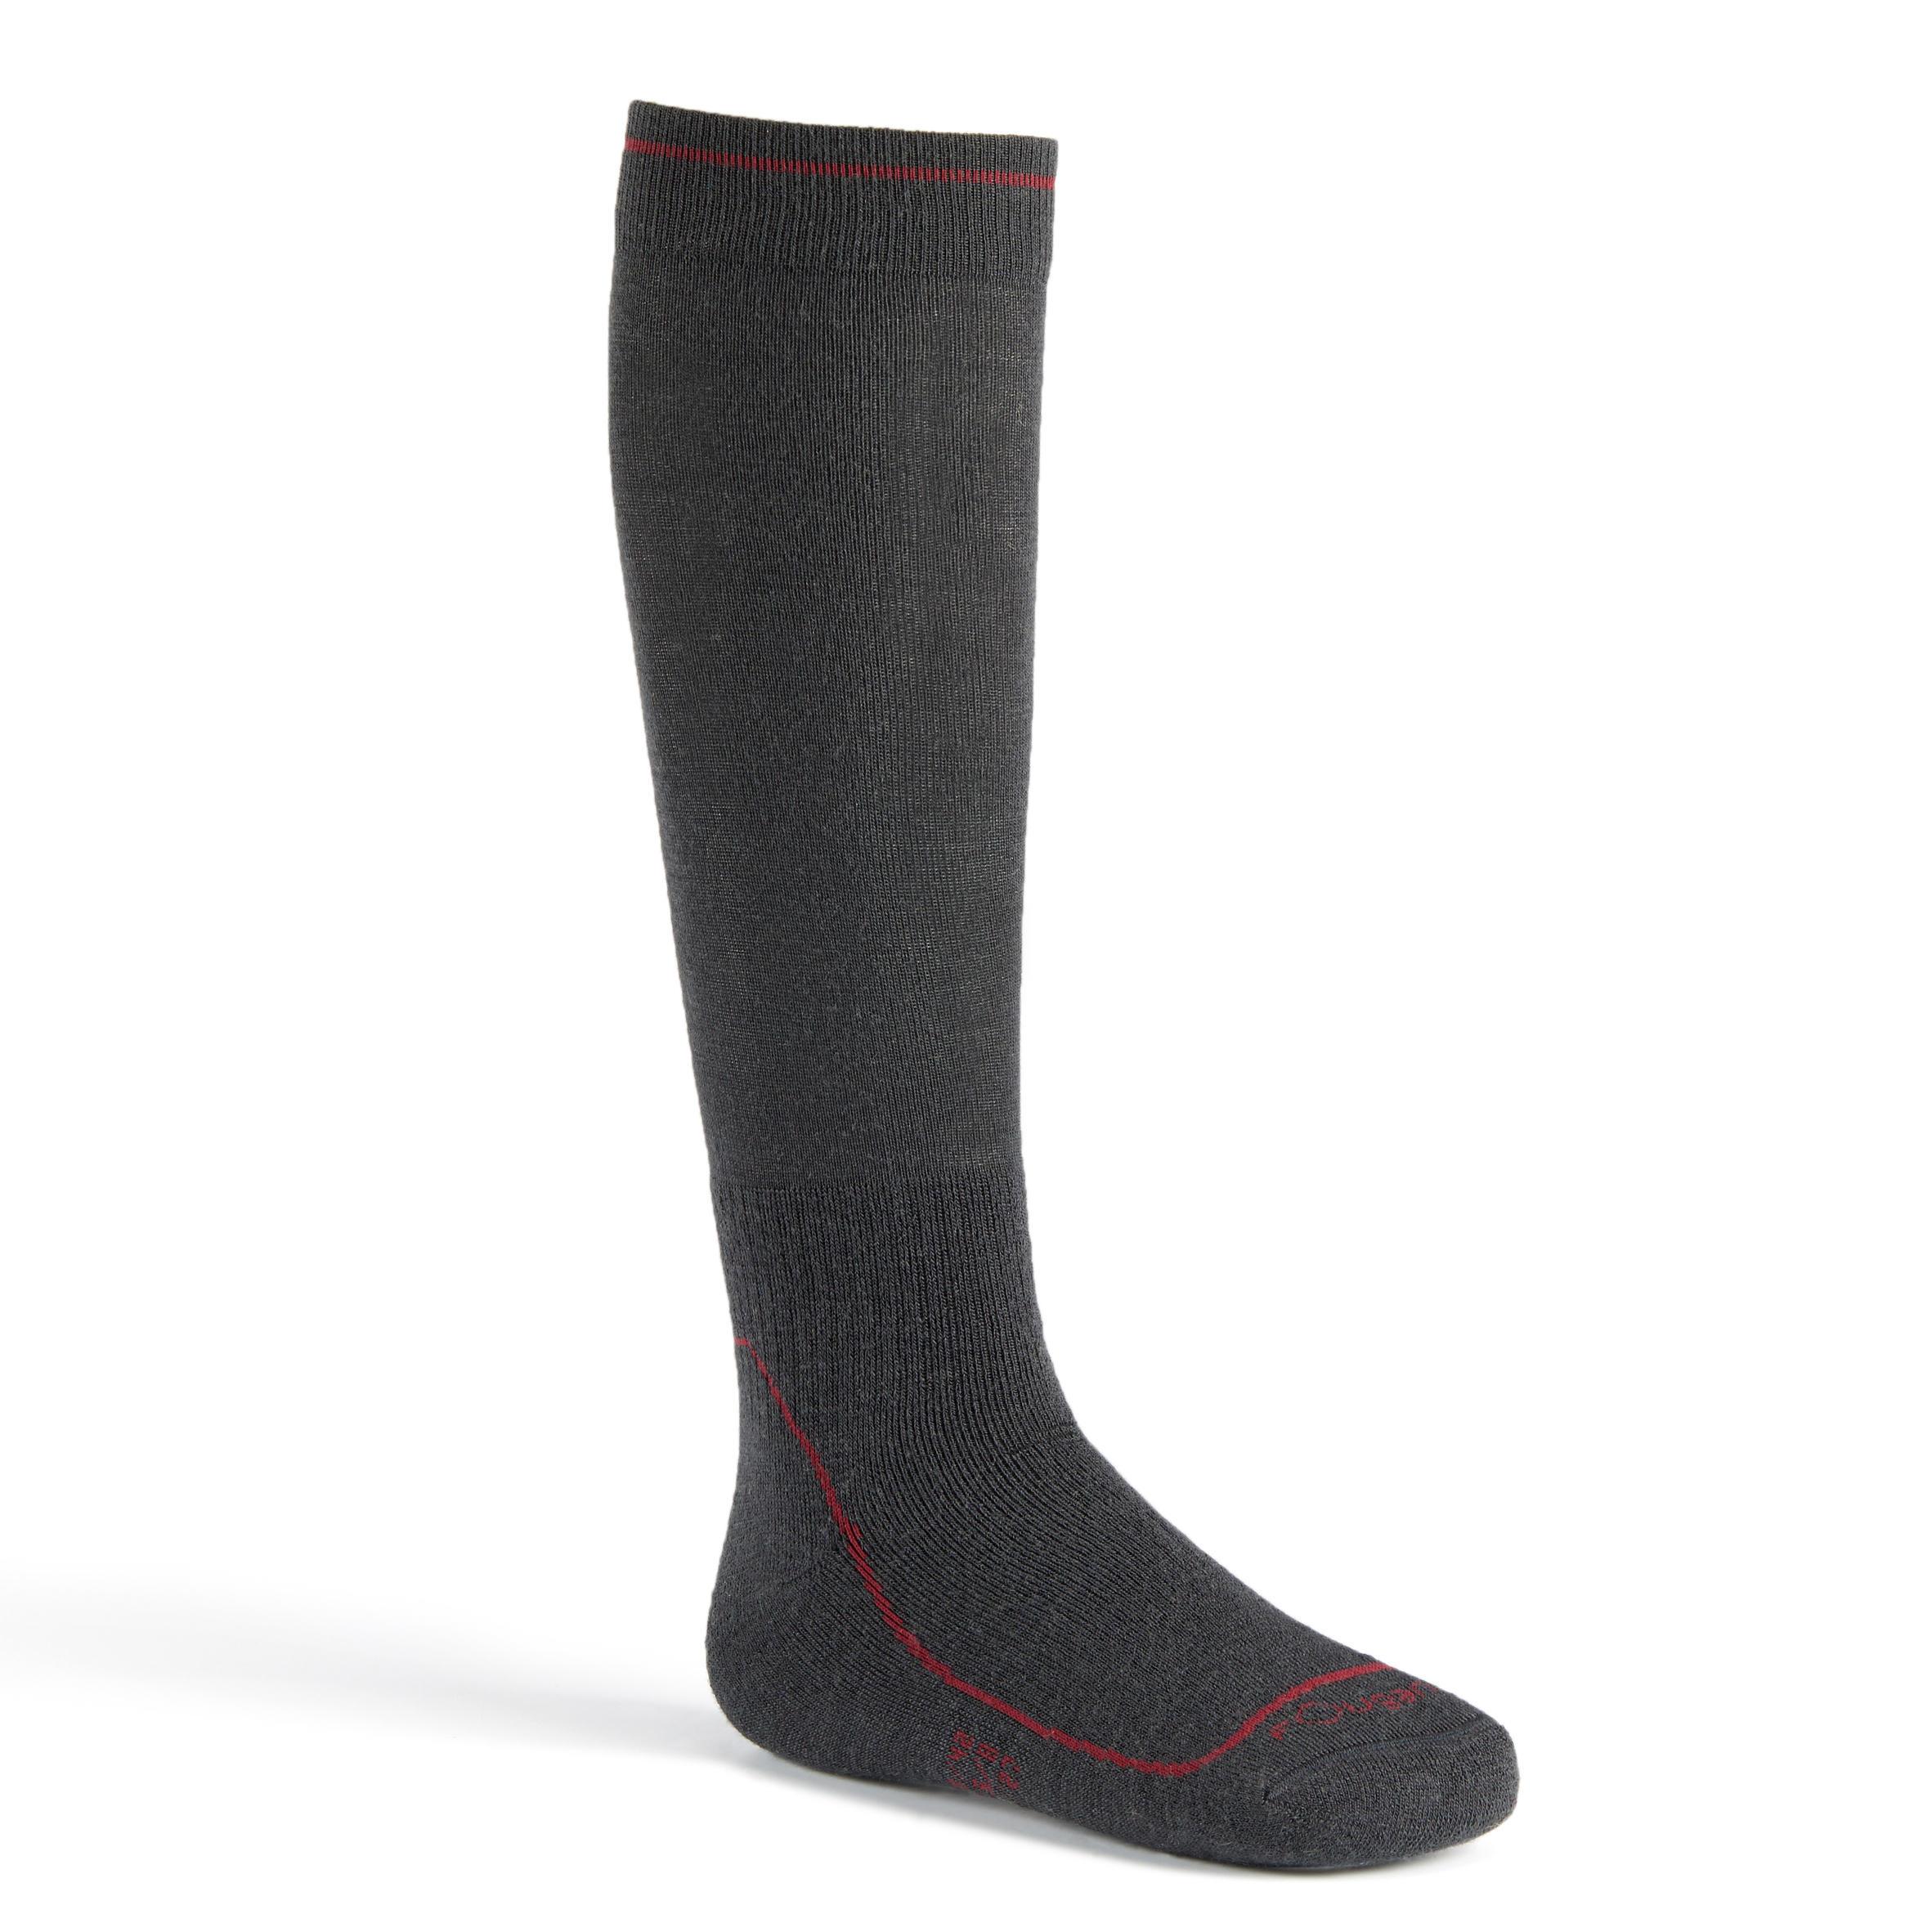 Chaussettes chaudes équitation adulte 500 CHAUDES gris foncé x1